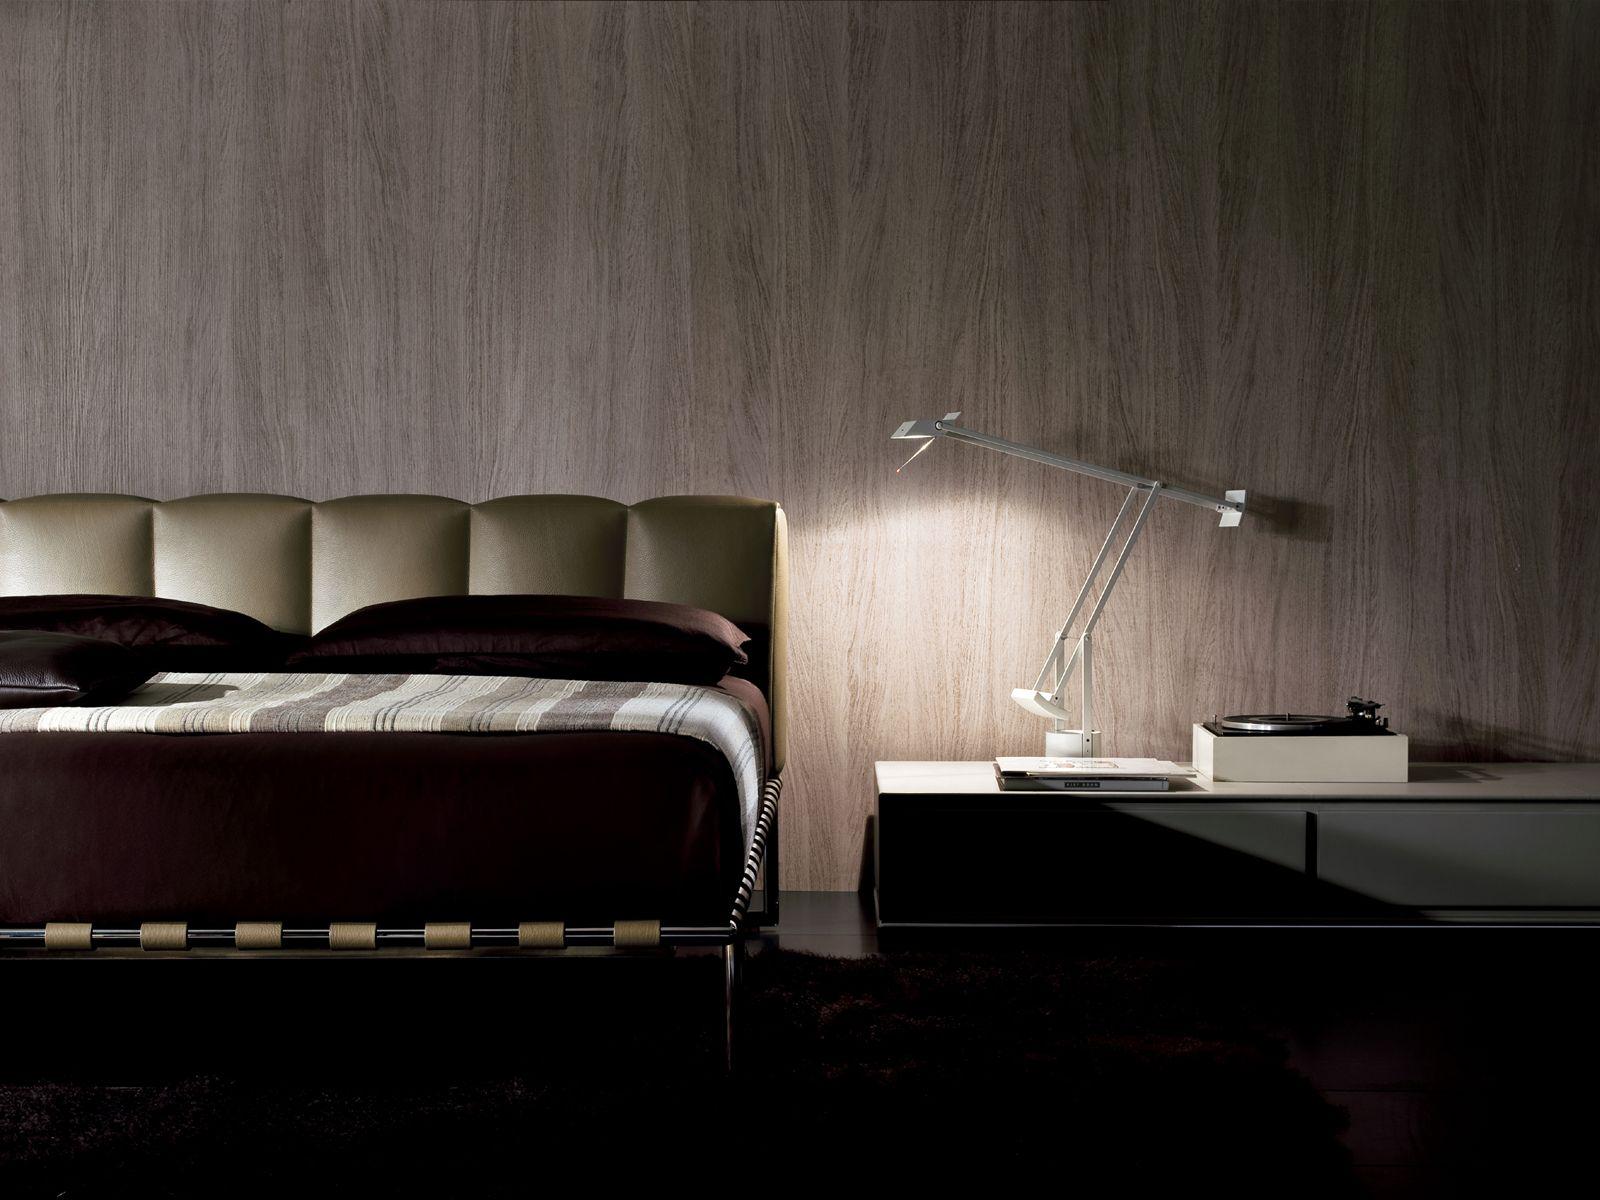 1000 images about sove on pinterest platform bed frame day bed